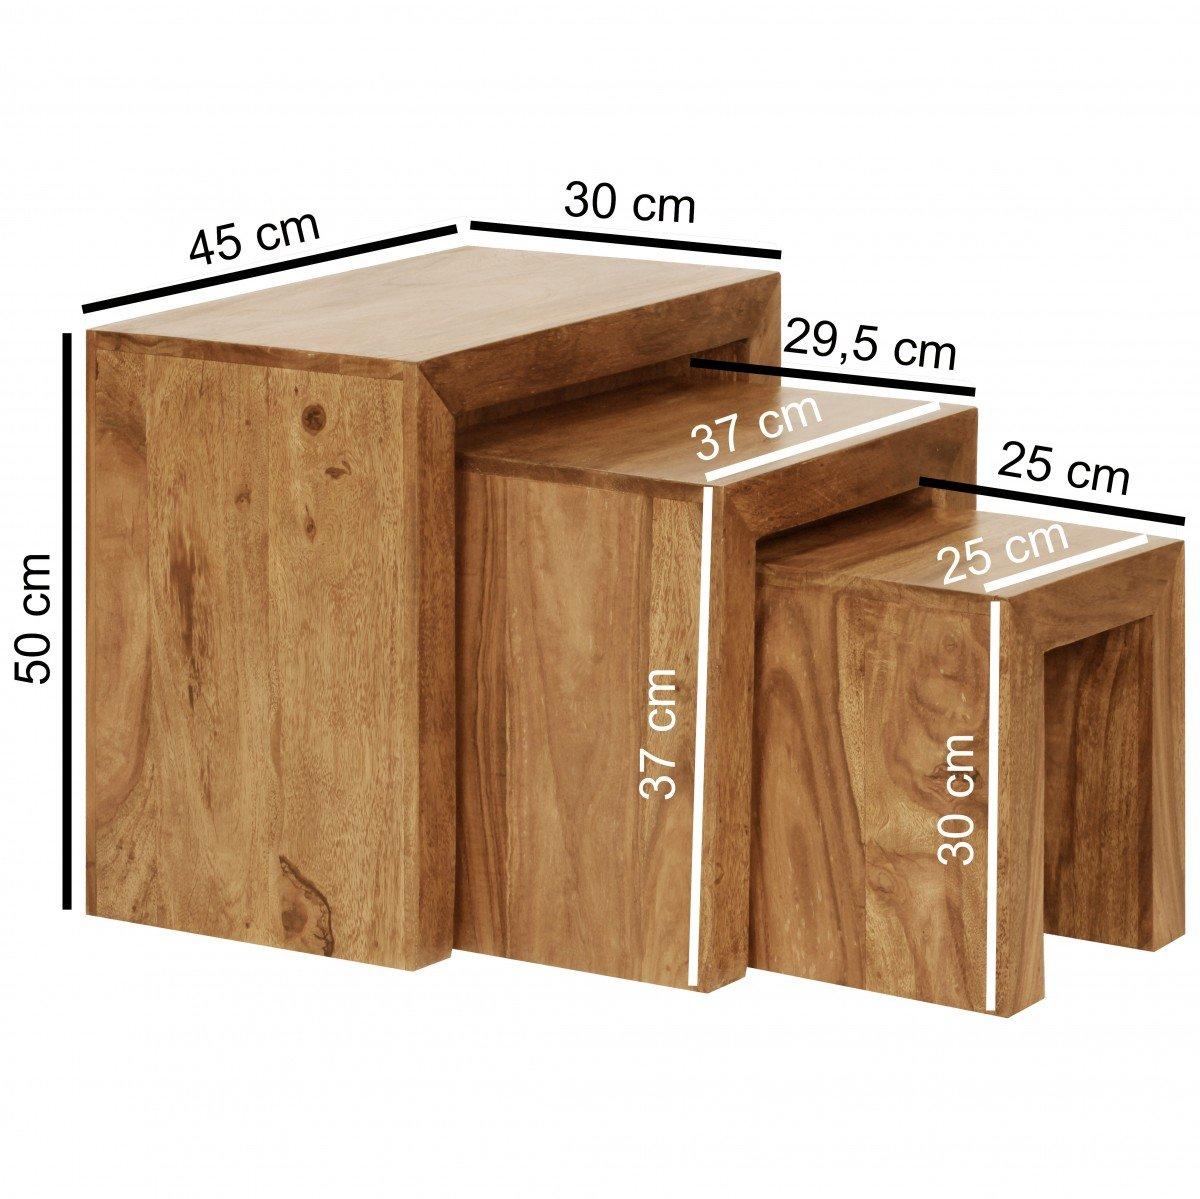 Finebuy 3er Set Satztisch Massiv Holz Wohnzimmer Tisch Landhaus Stil